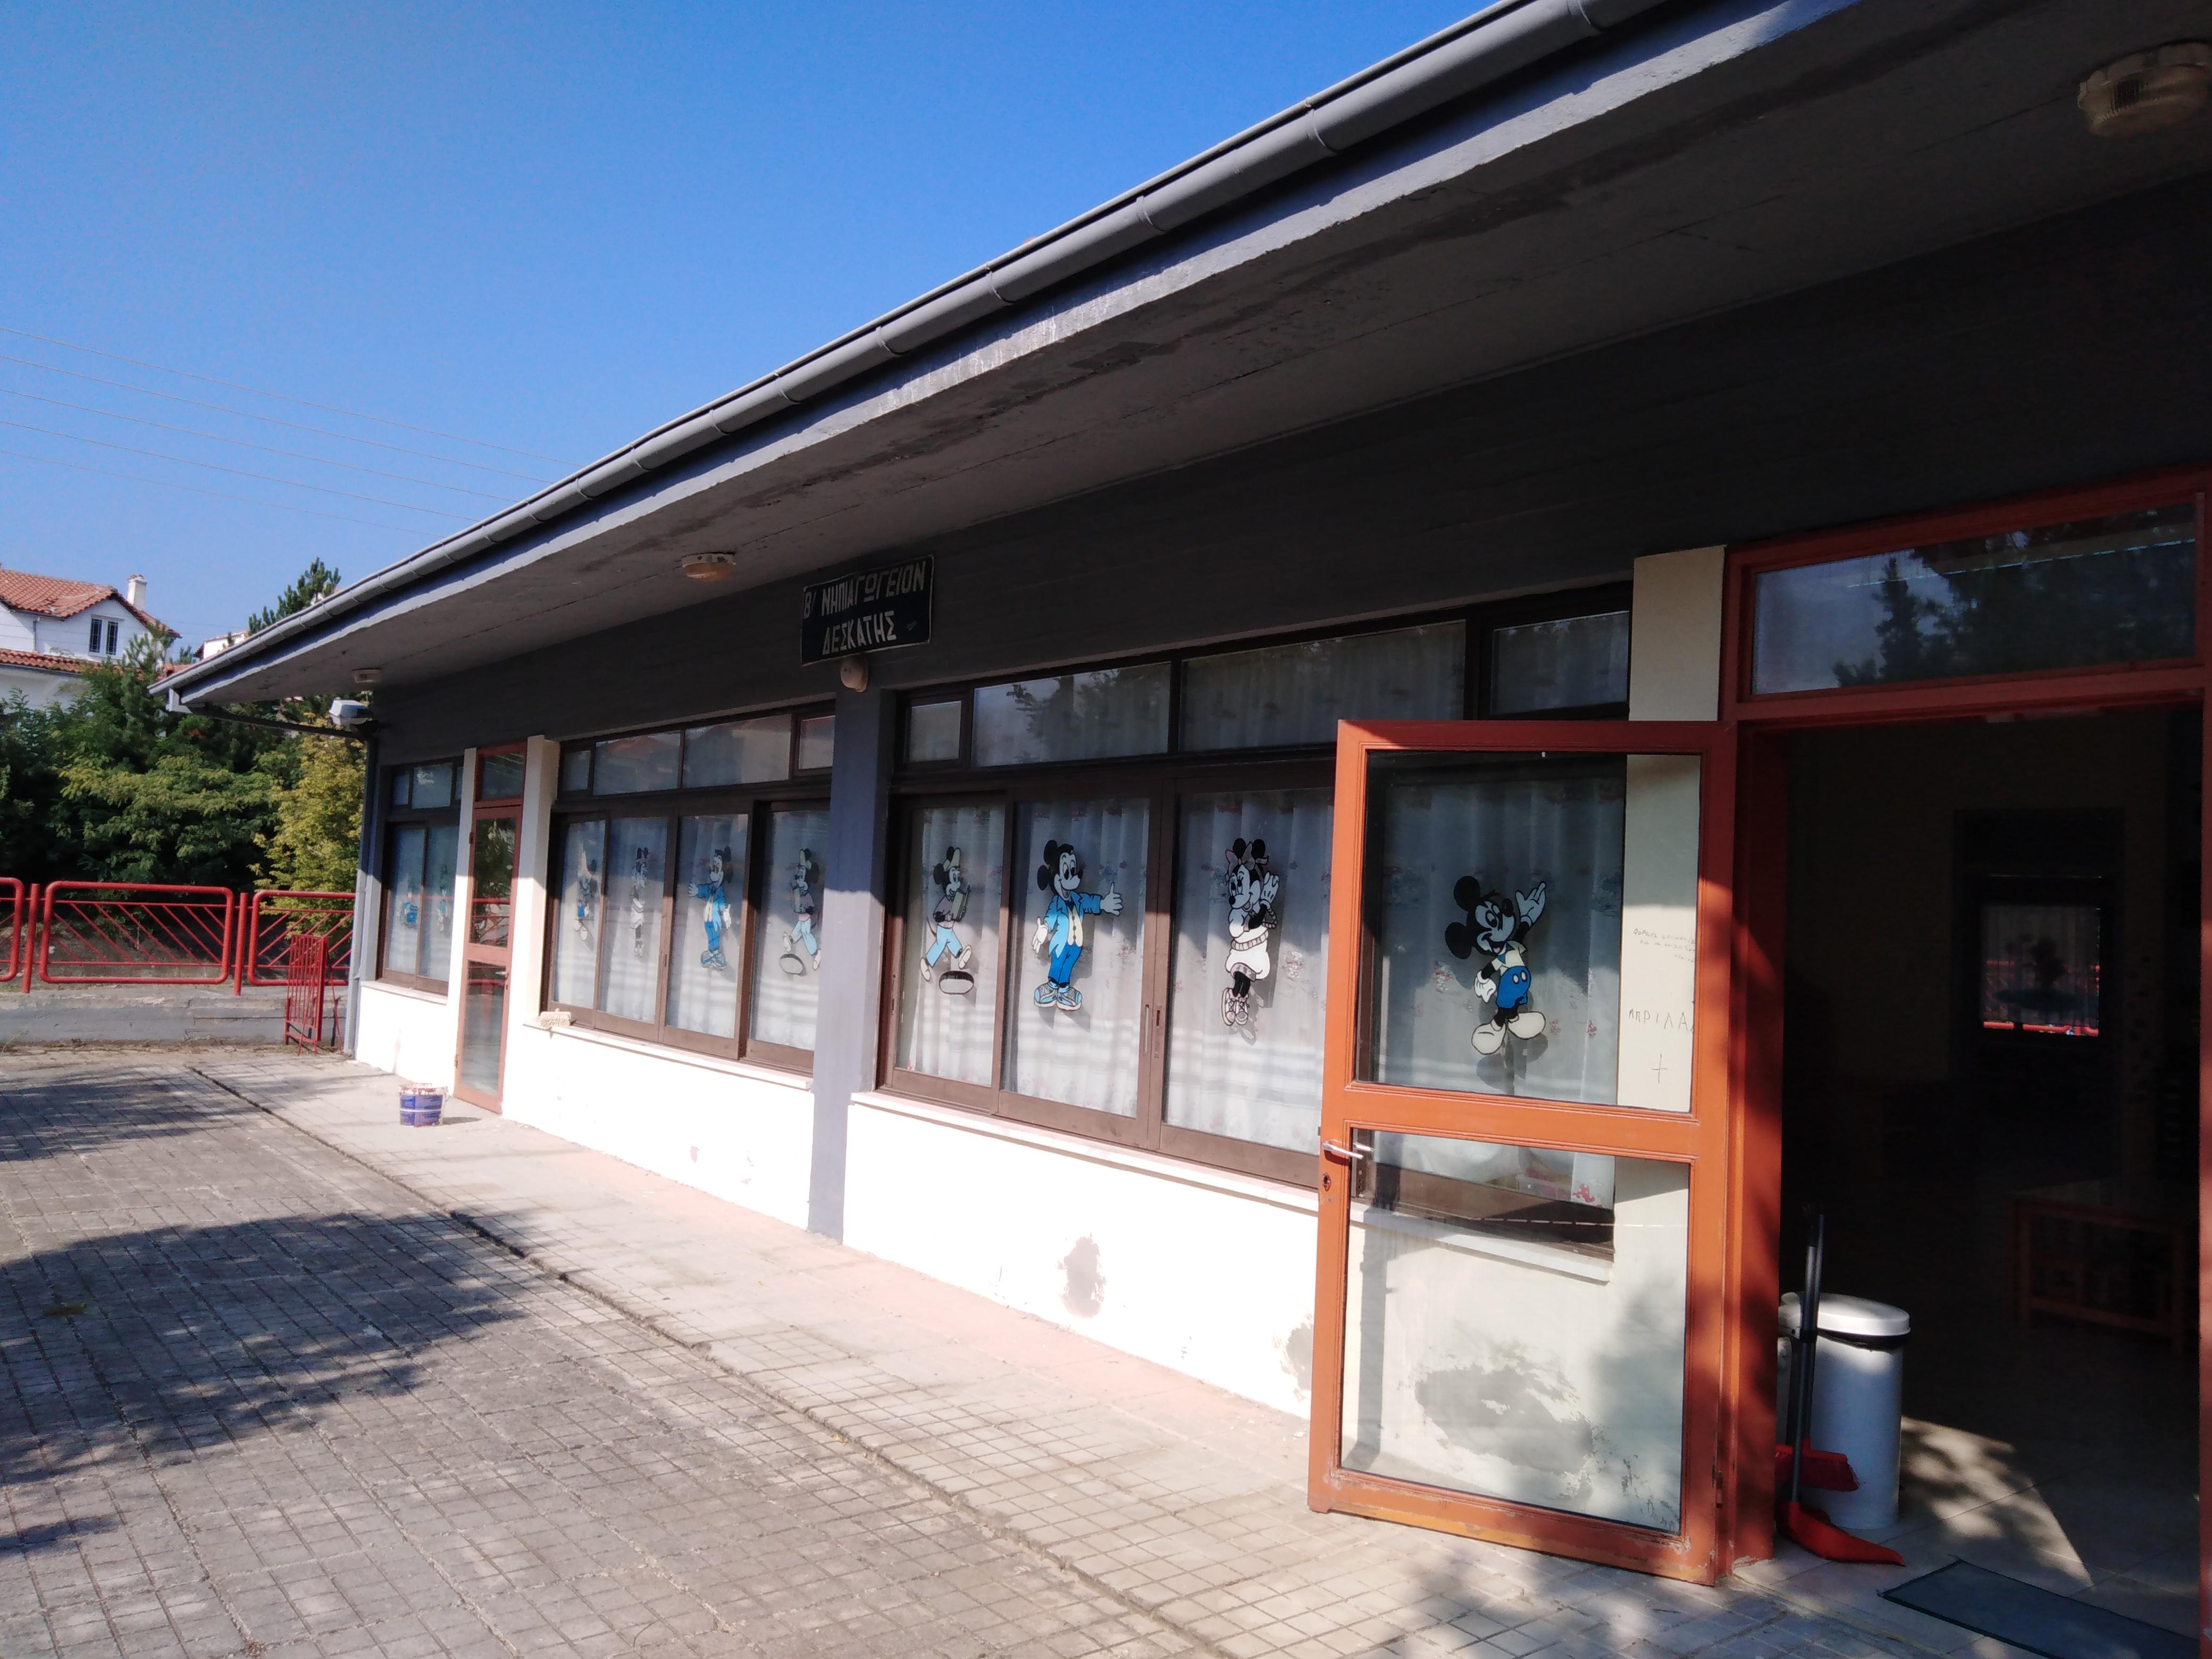 Εντατικές εργασίες προετοιμασίας στα σχολικά κτήρια στο Δήμο Δεσκάτης